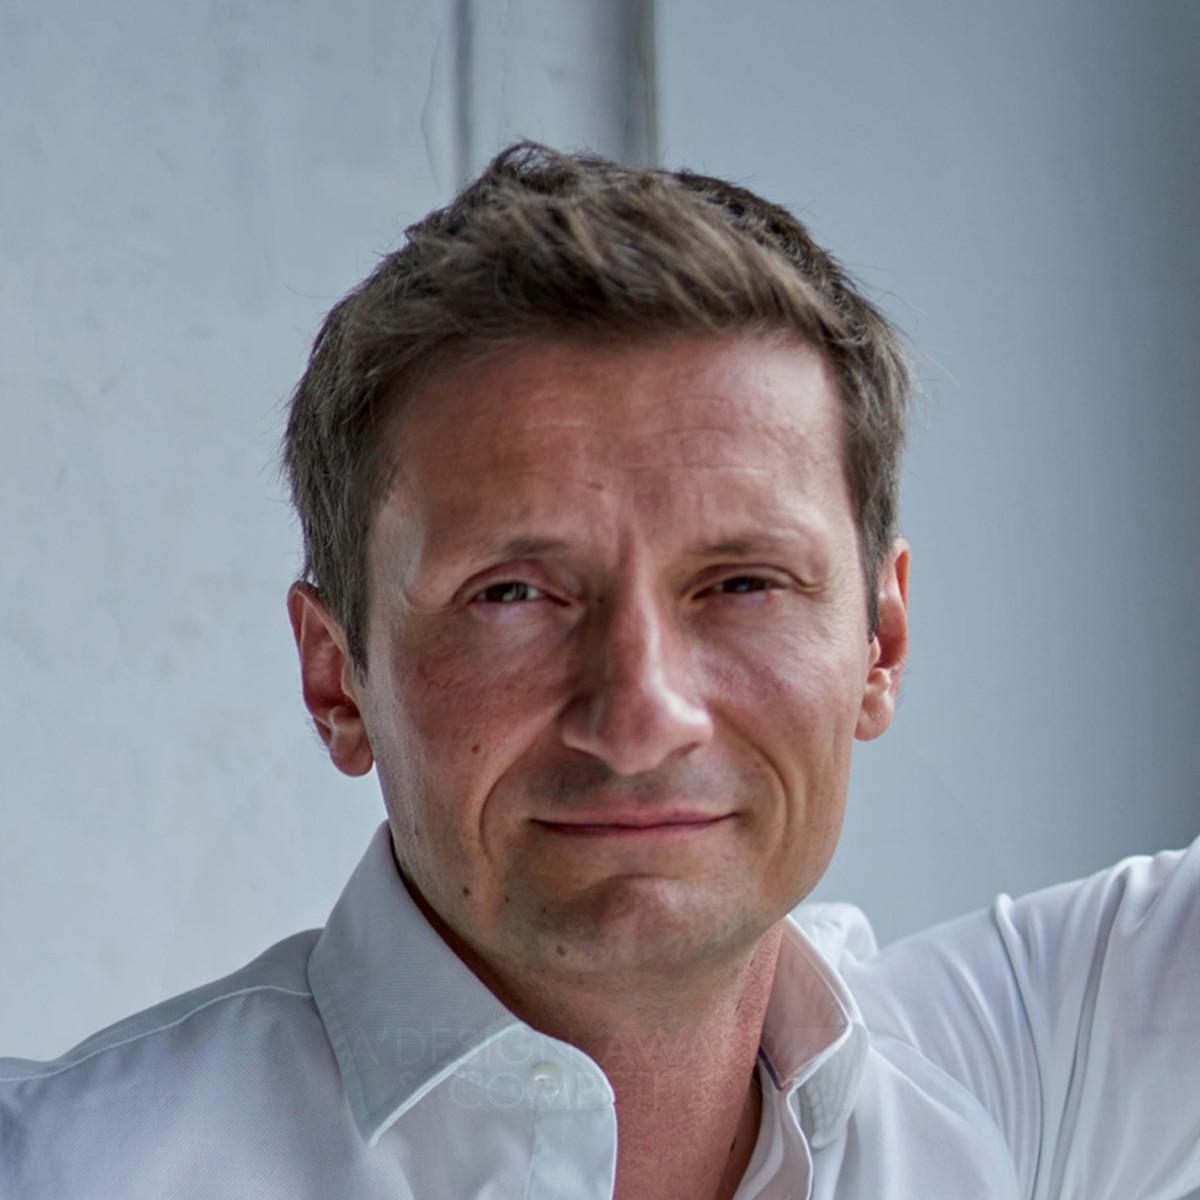 Nikolai Tsupikov